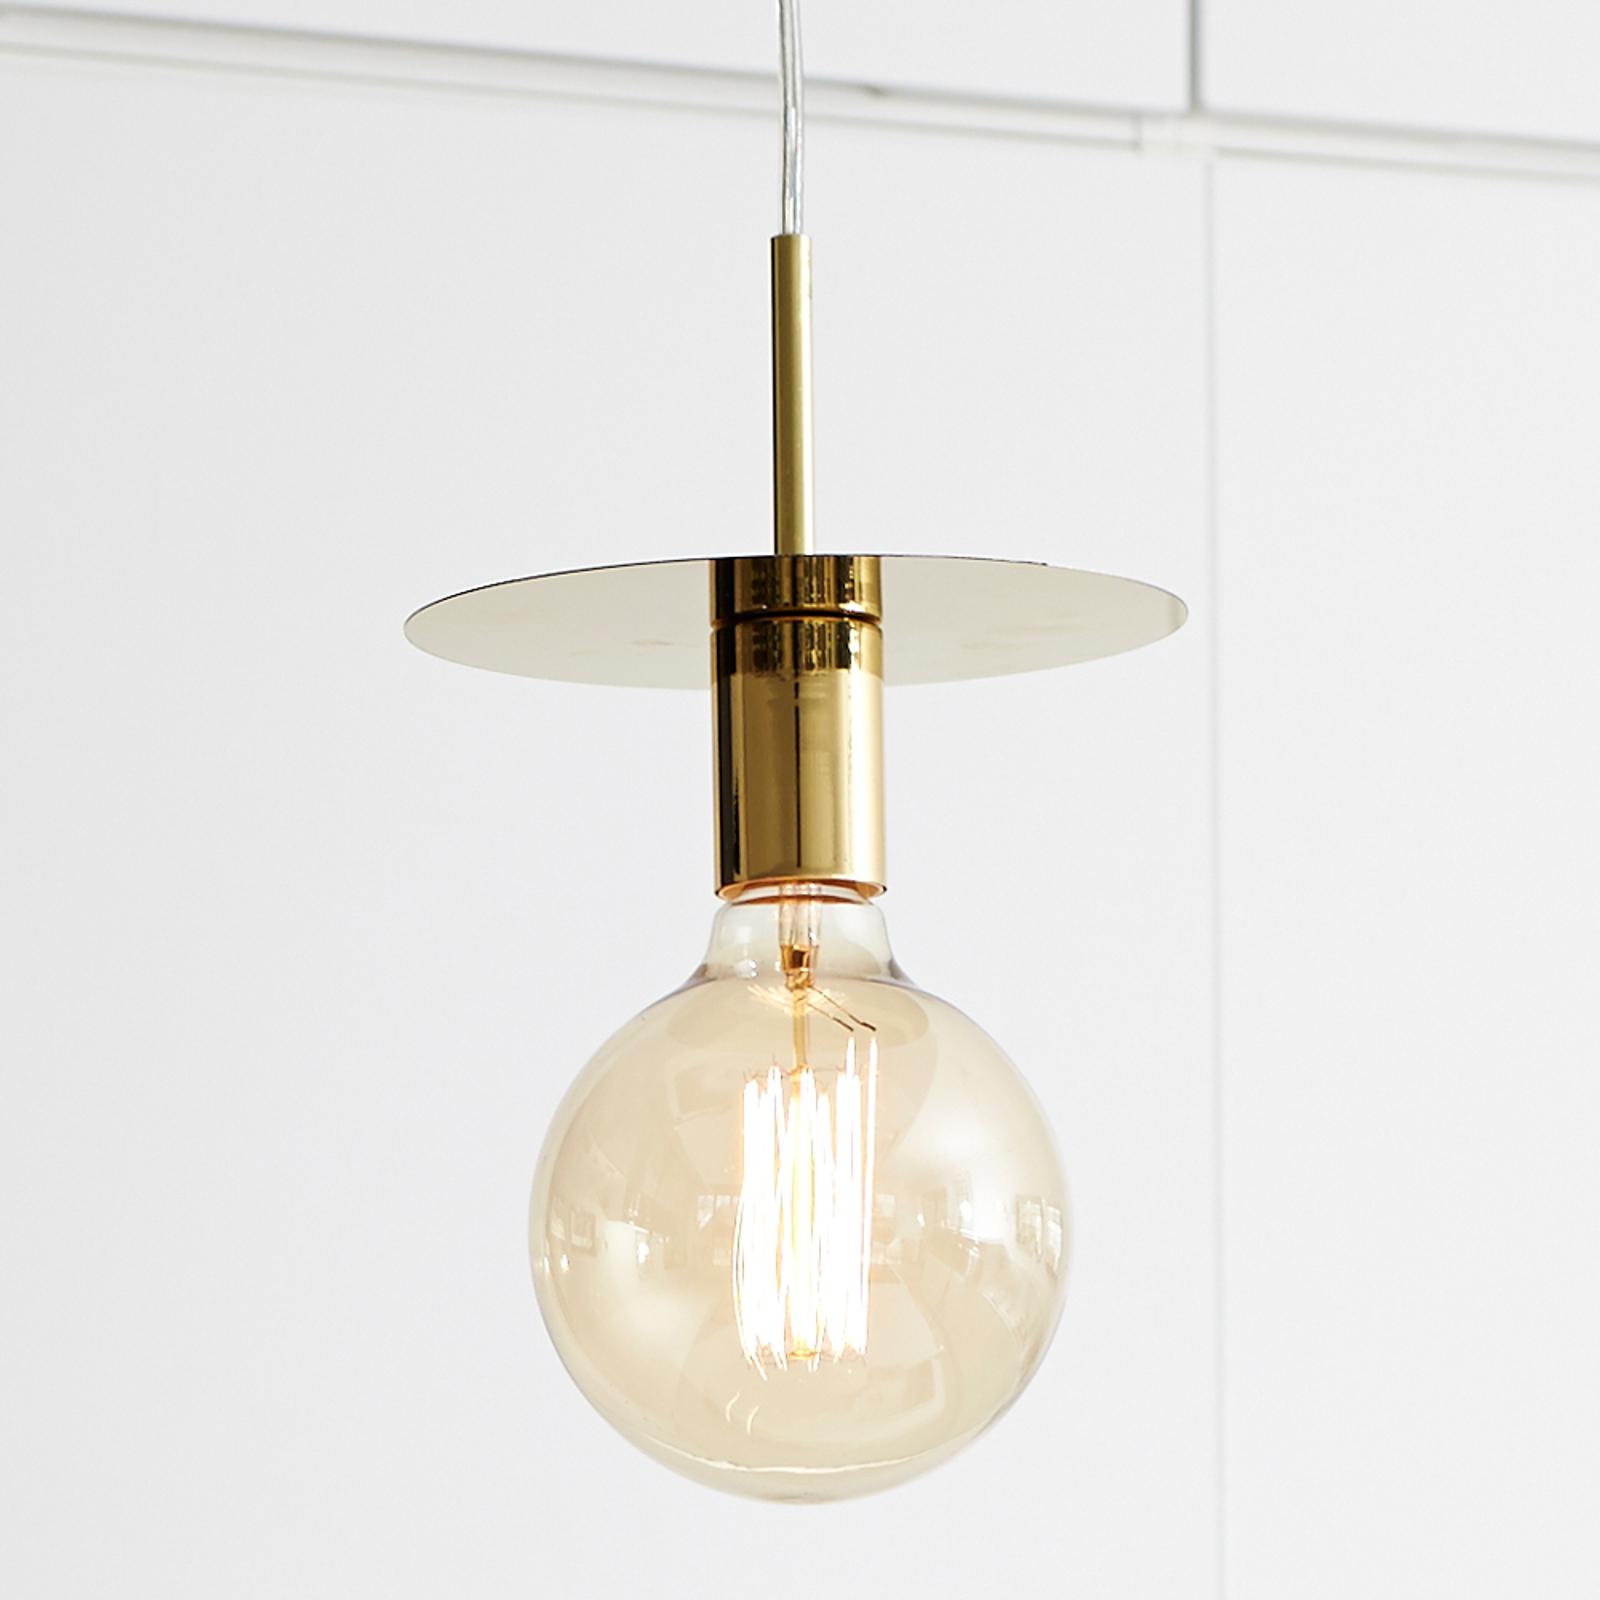 Originale lampada a sospensione Disc